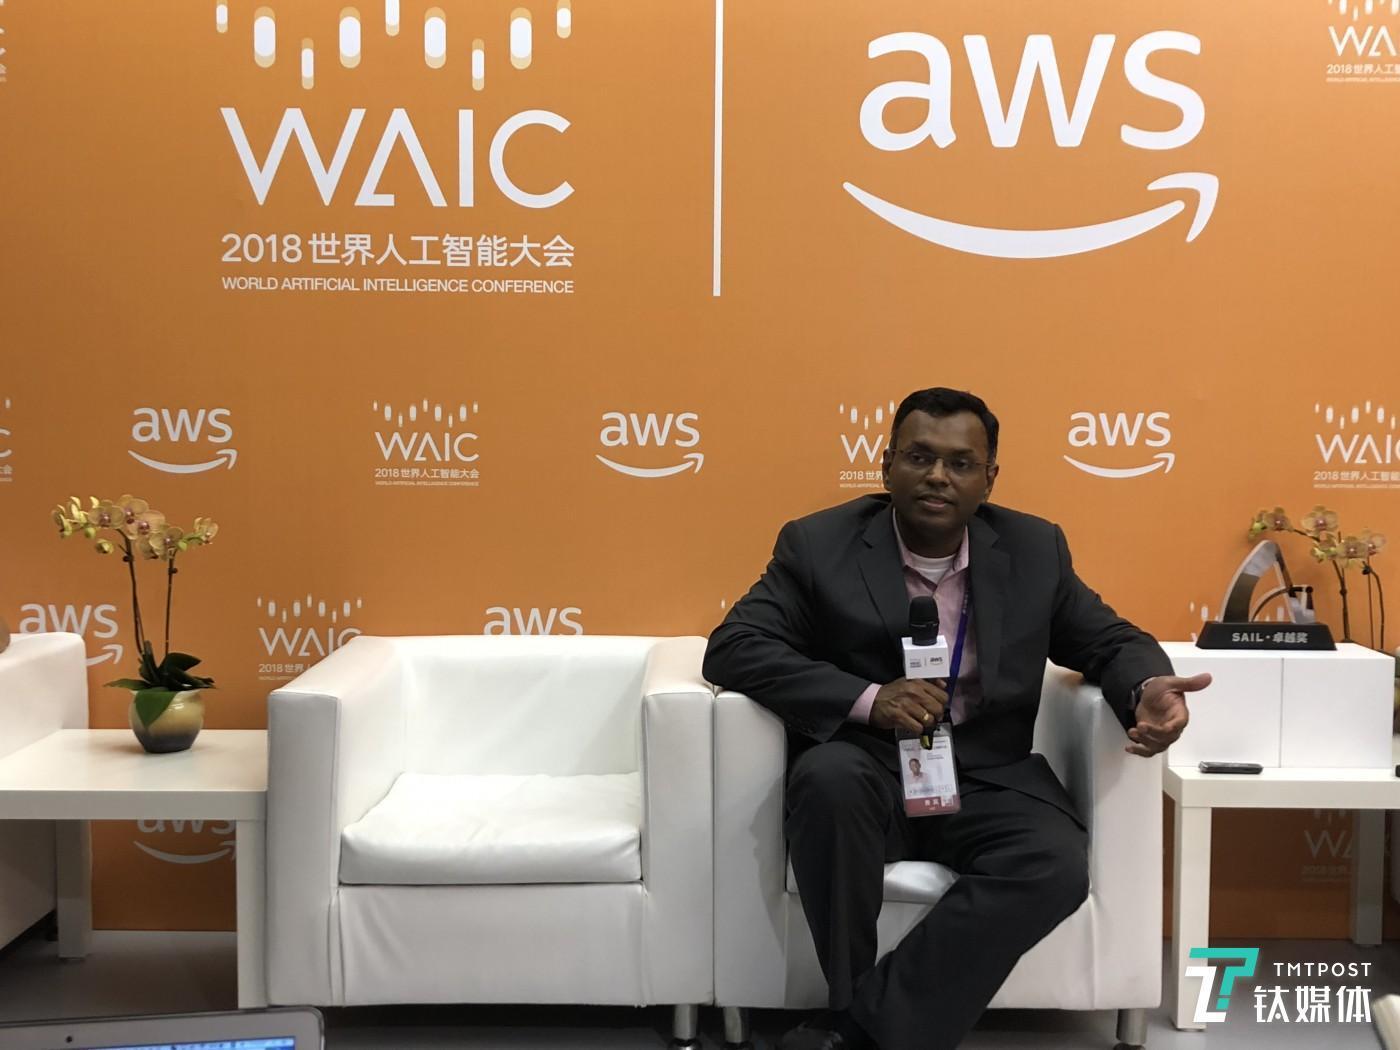 亚马逊 AWS副总裁接受钛媒体采访。拍摄:苏建勋